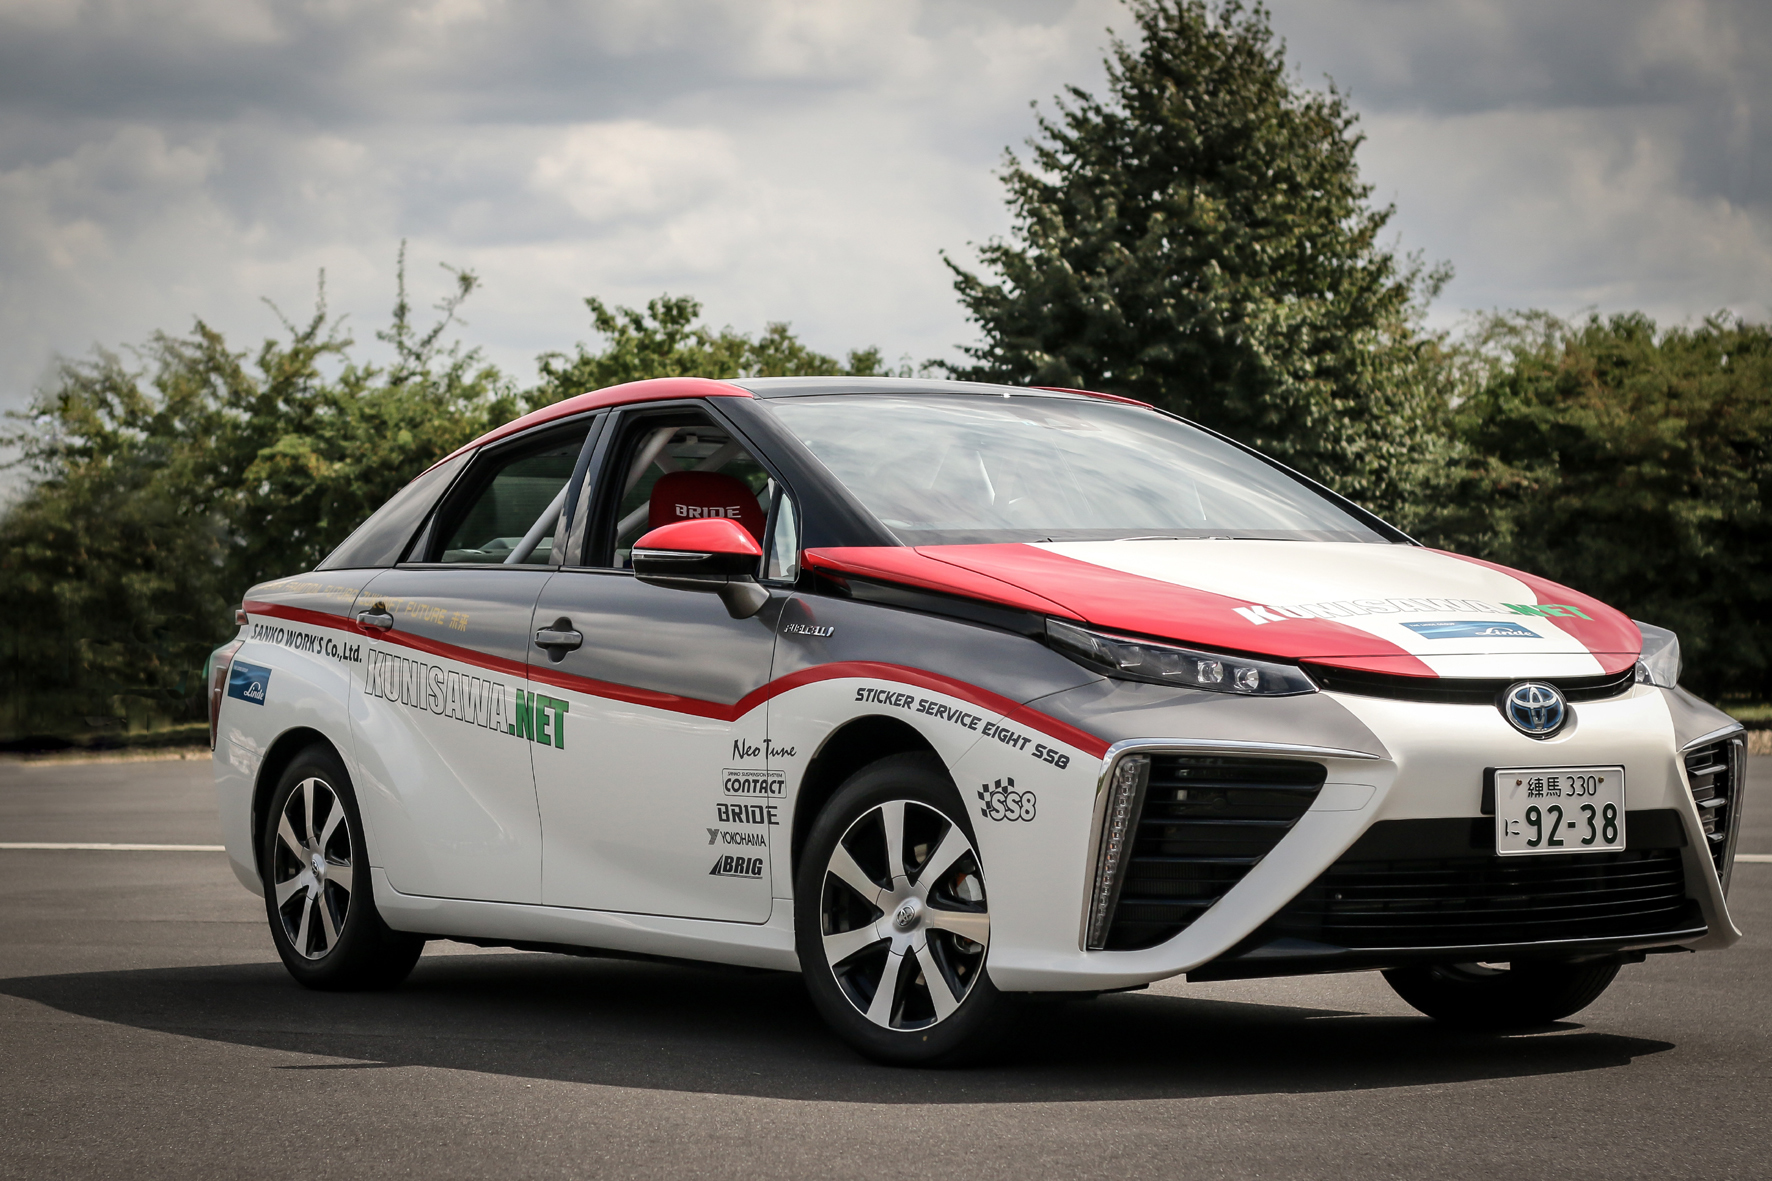 mid Düsseldorf - Als Vorausfahrzeug kommt der Toyota Mirai mit seinem Brennstoffzellenantrieb nun zur Premiere im Motorsport.